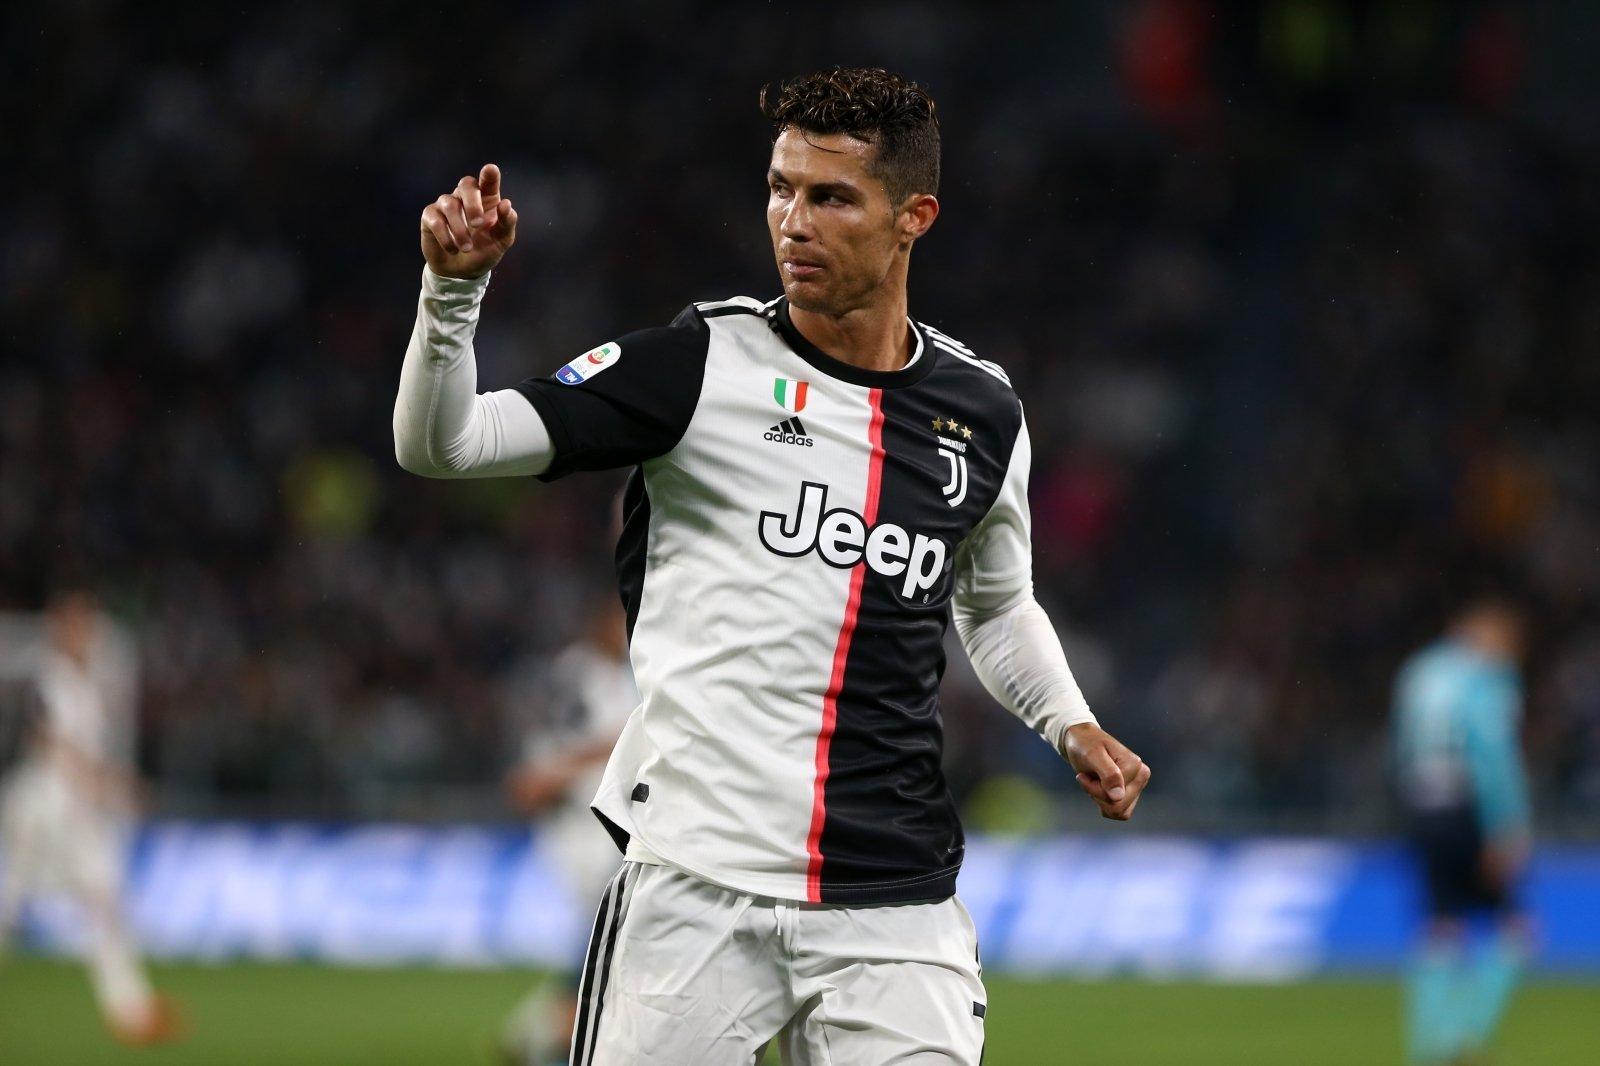 Cristiano Ronaldo stellt Bestmarke von Leo Messi ein - Fussball Europa